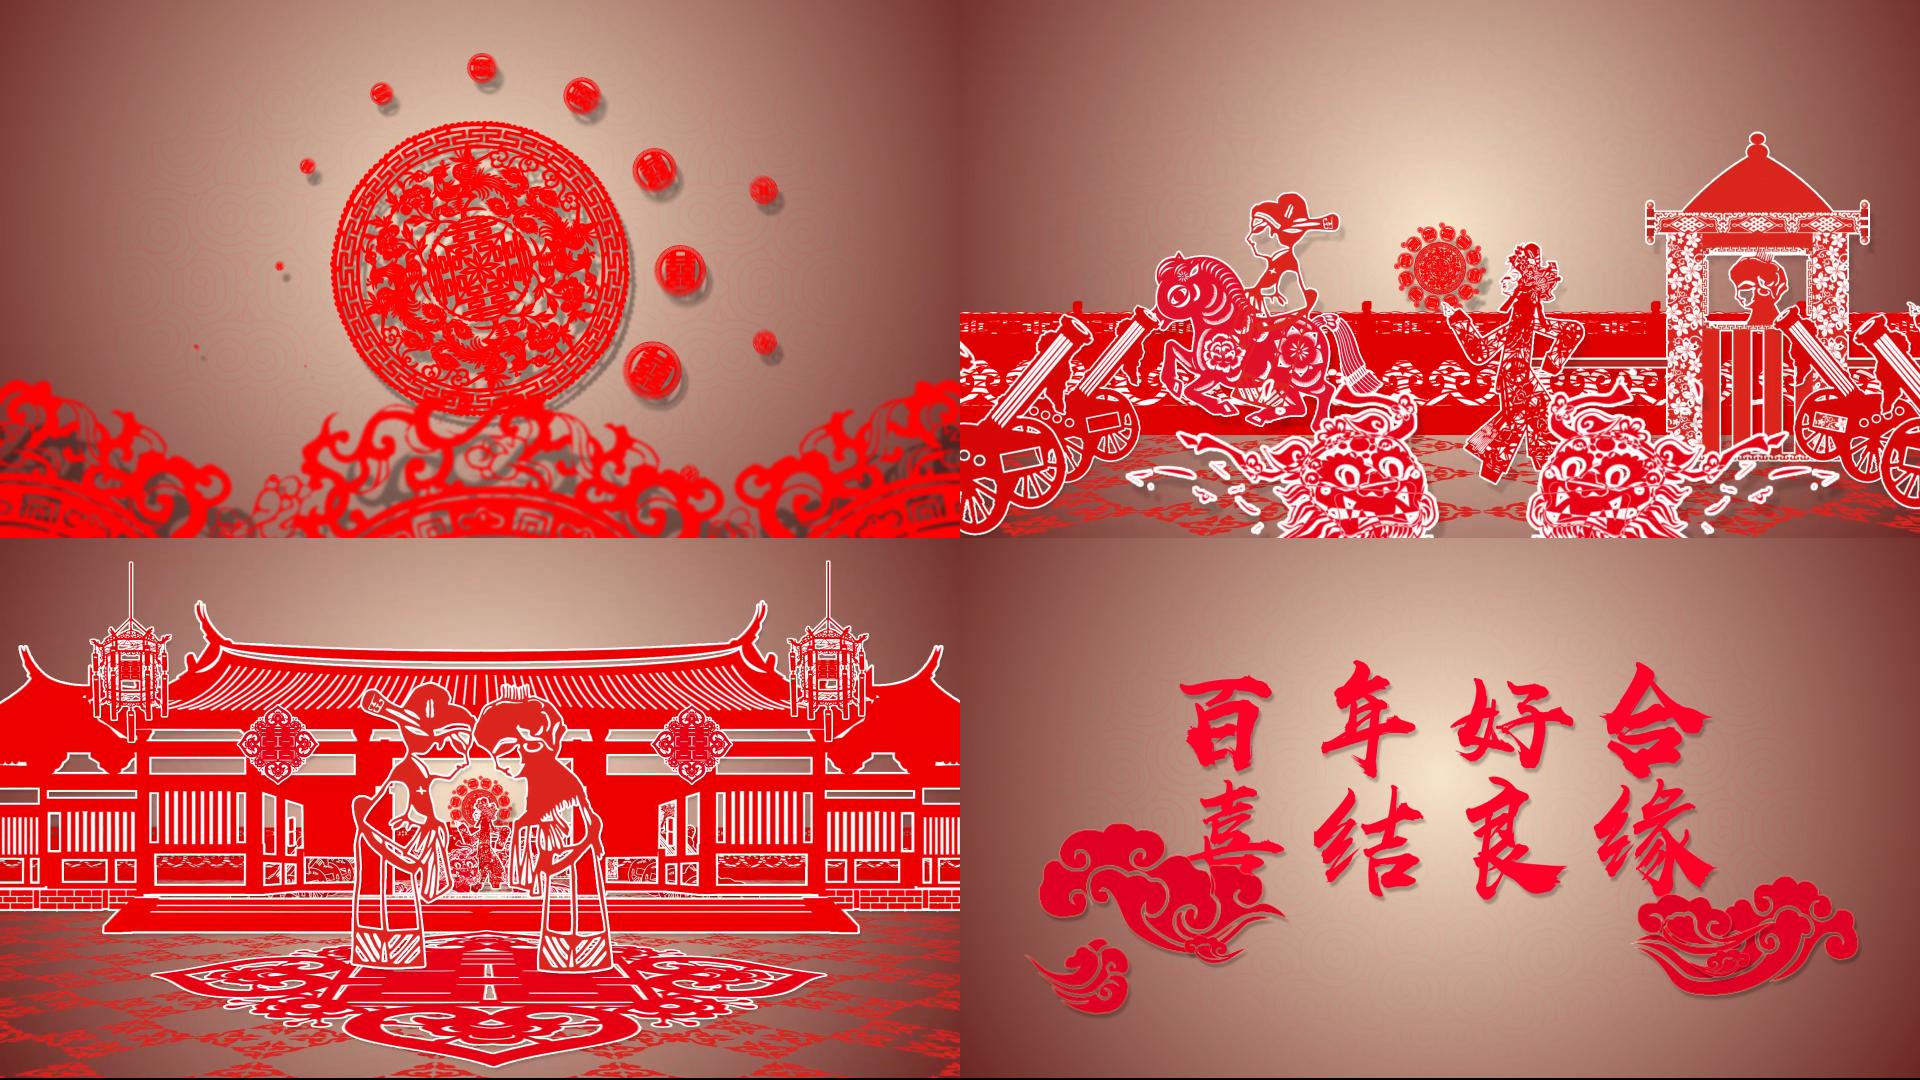 中式婚礼结婚背景视频素材